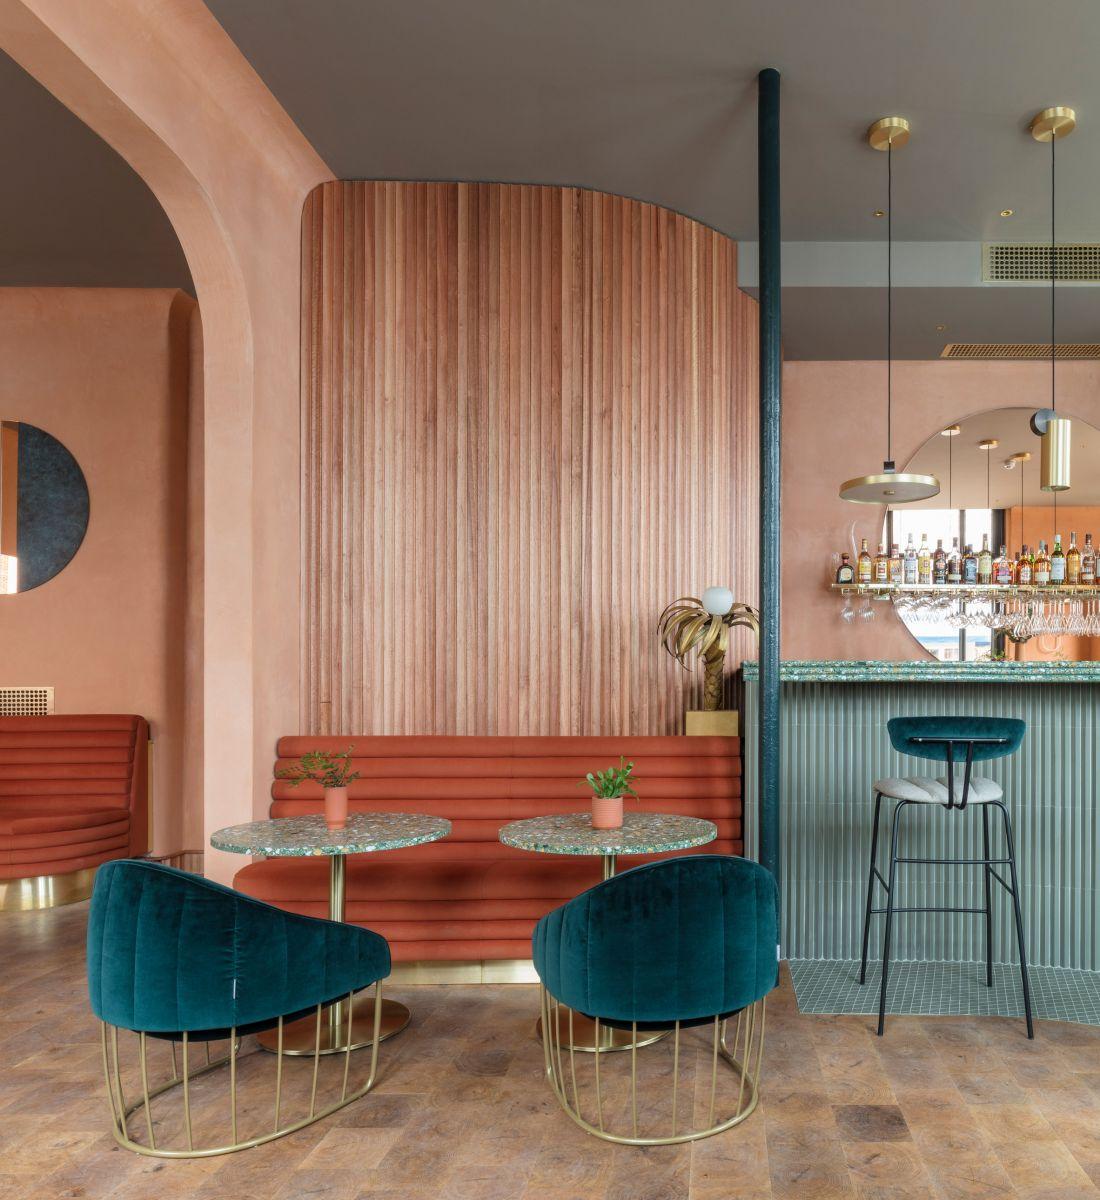 Một thiết kế ấn tượng trong không gian nội thất nhà hàng, quán cafe